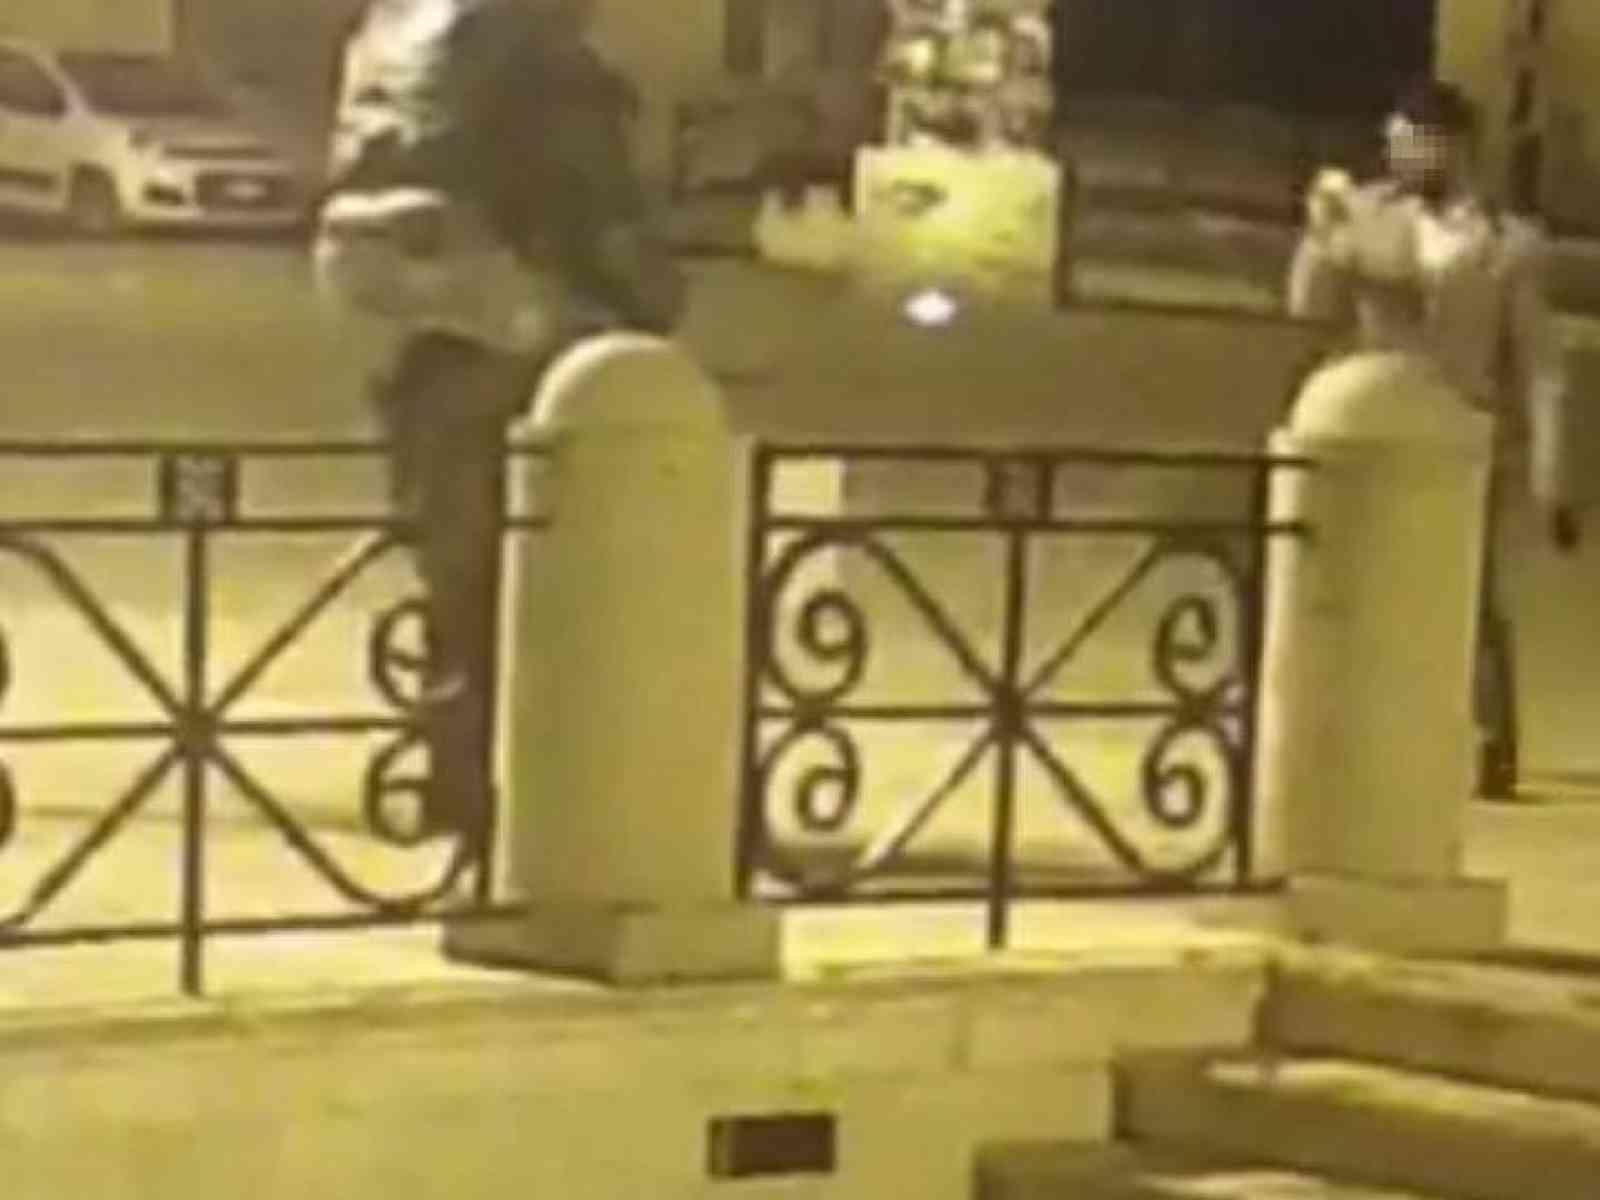 S. Margherita. Sono menfitani gli autori dell'atto vandalico ai danni della statua di Tomasi